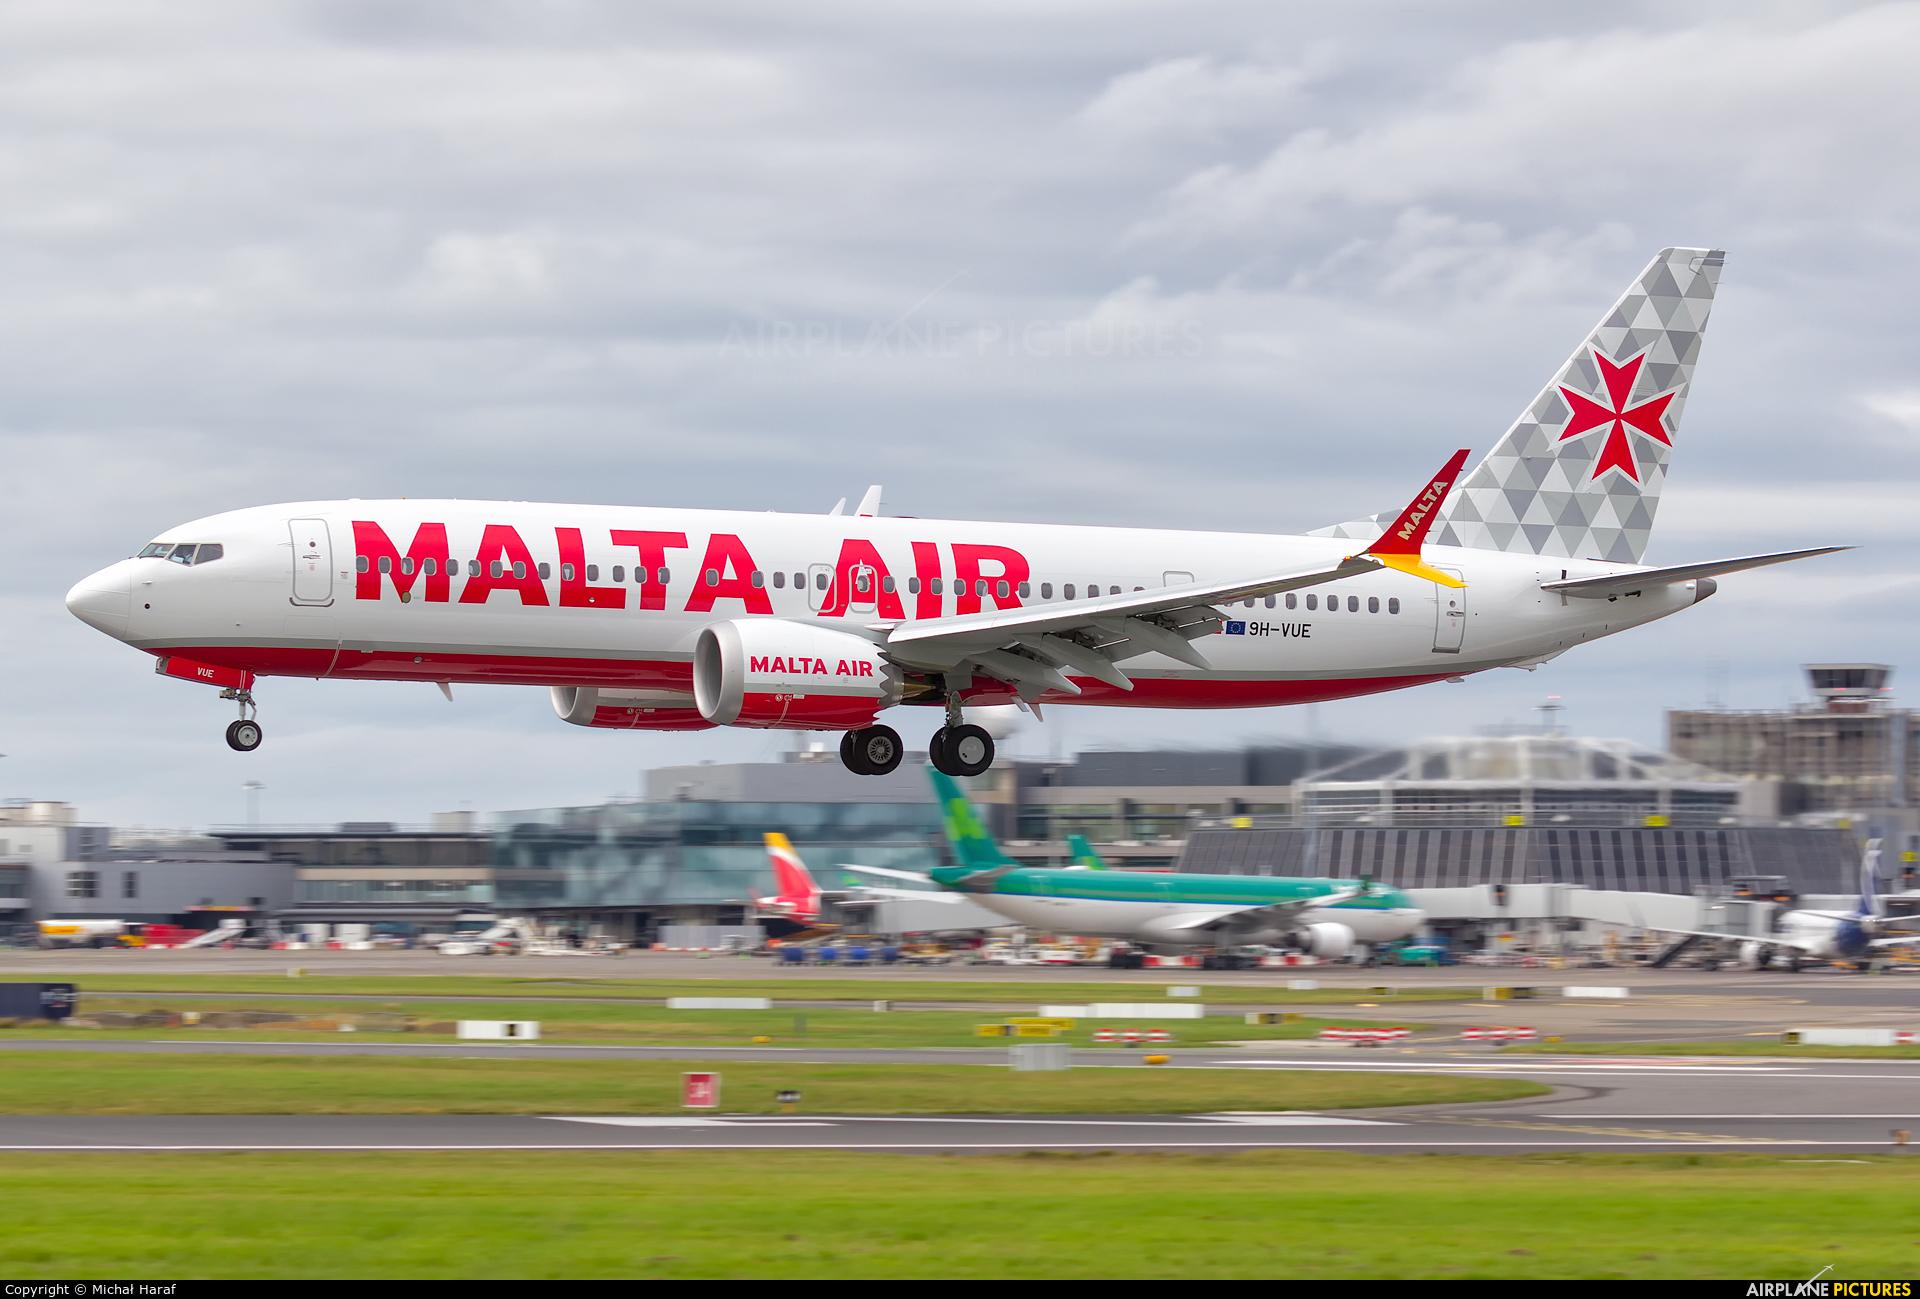 Malta Air 9H-VUE aircraft at Dublin